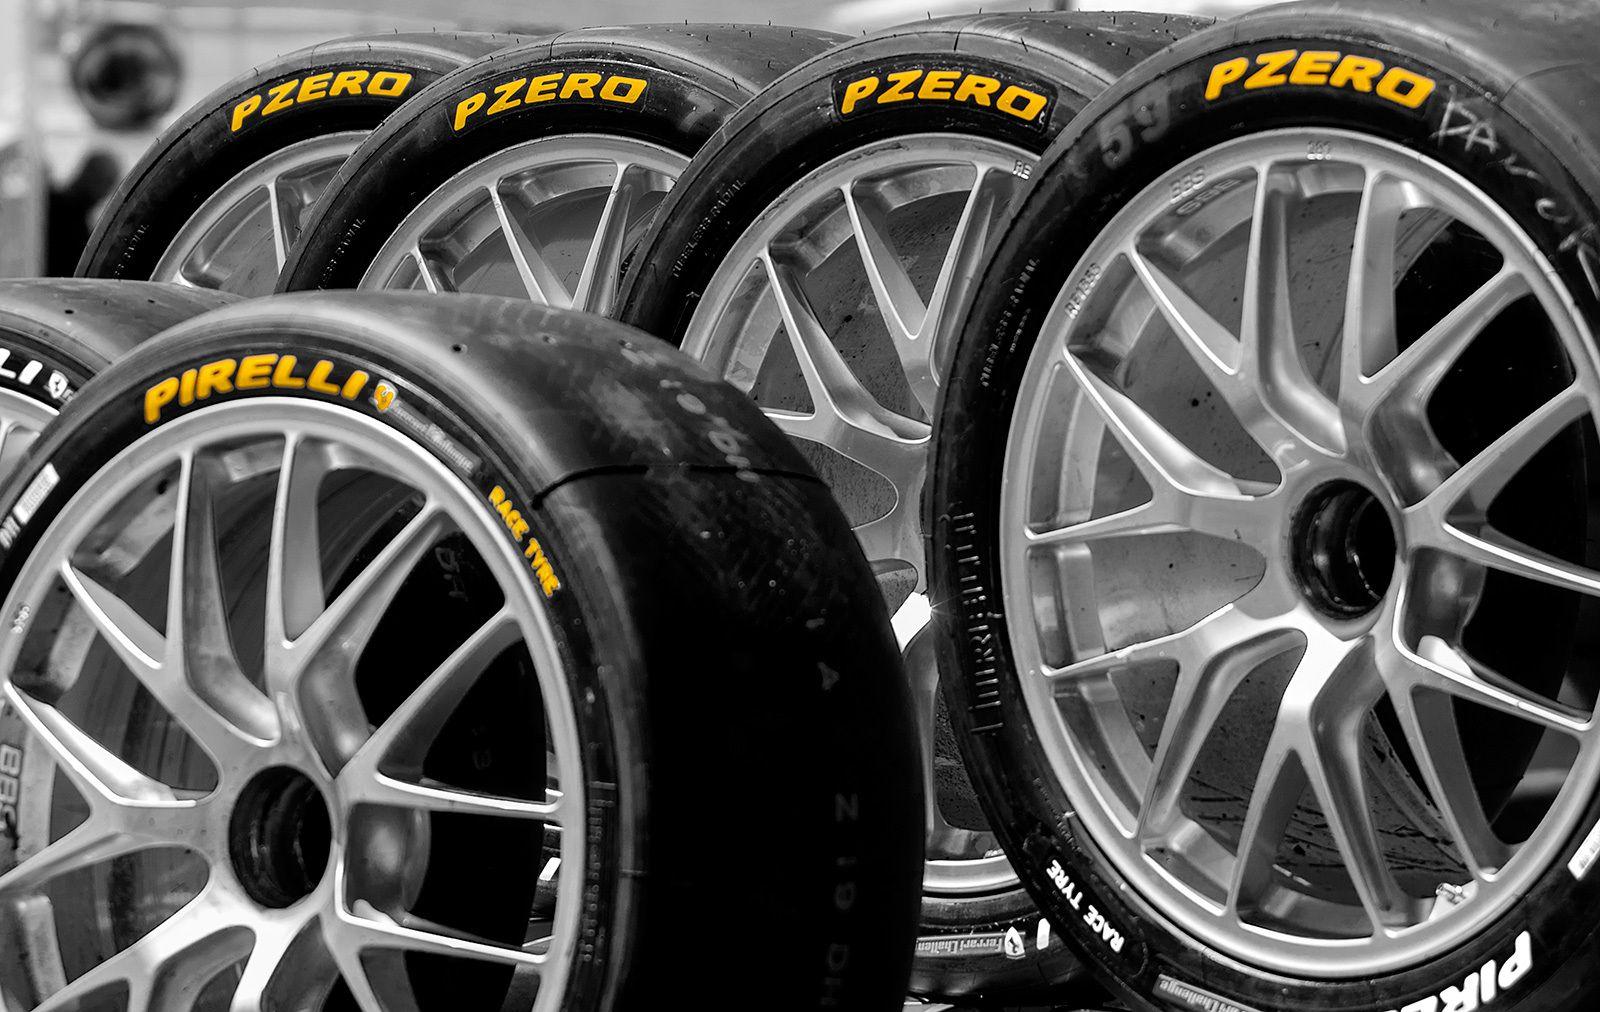 1r2013_ferrari_challenge_tires.jpg